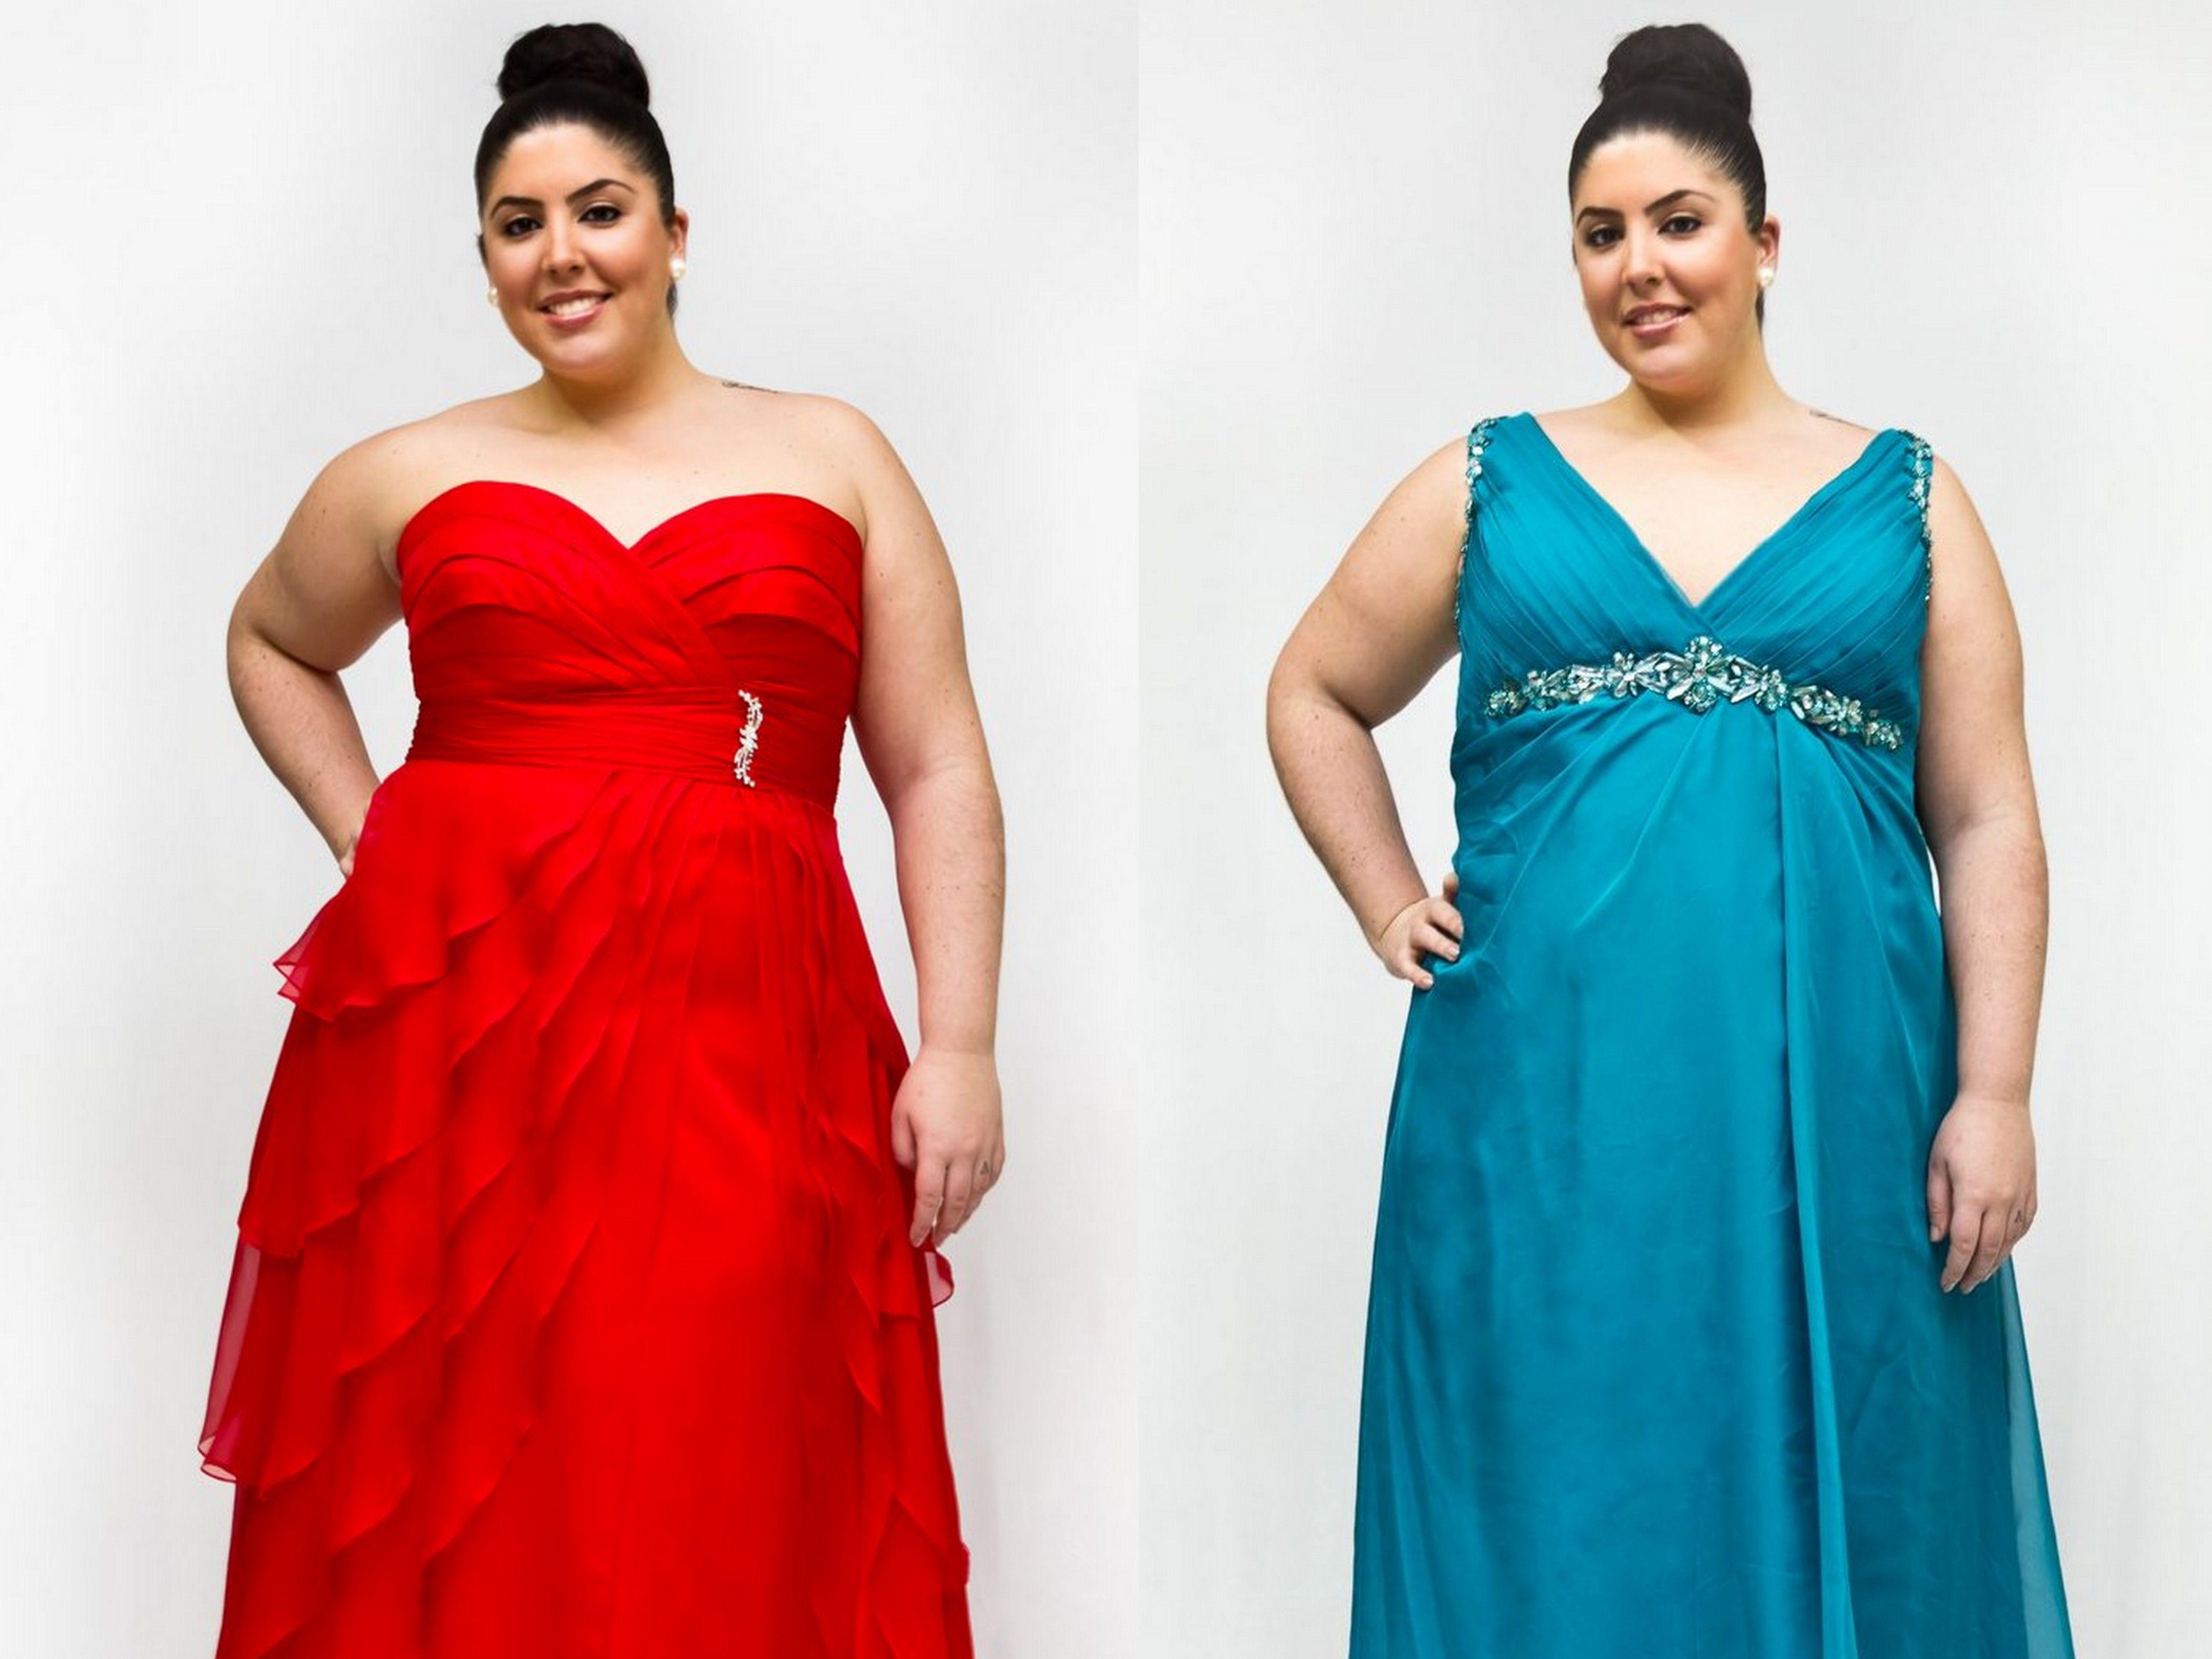 Vestidos de noche para mujeres de talla grande